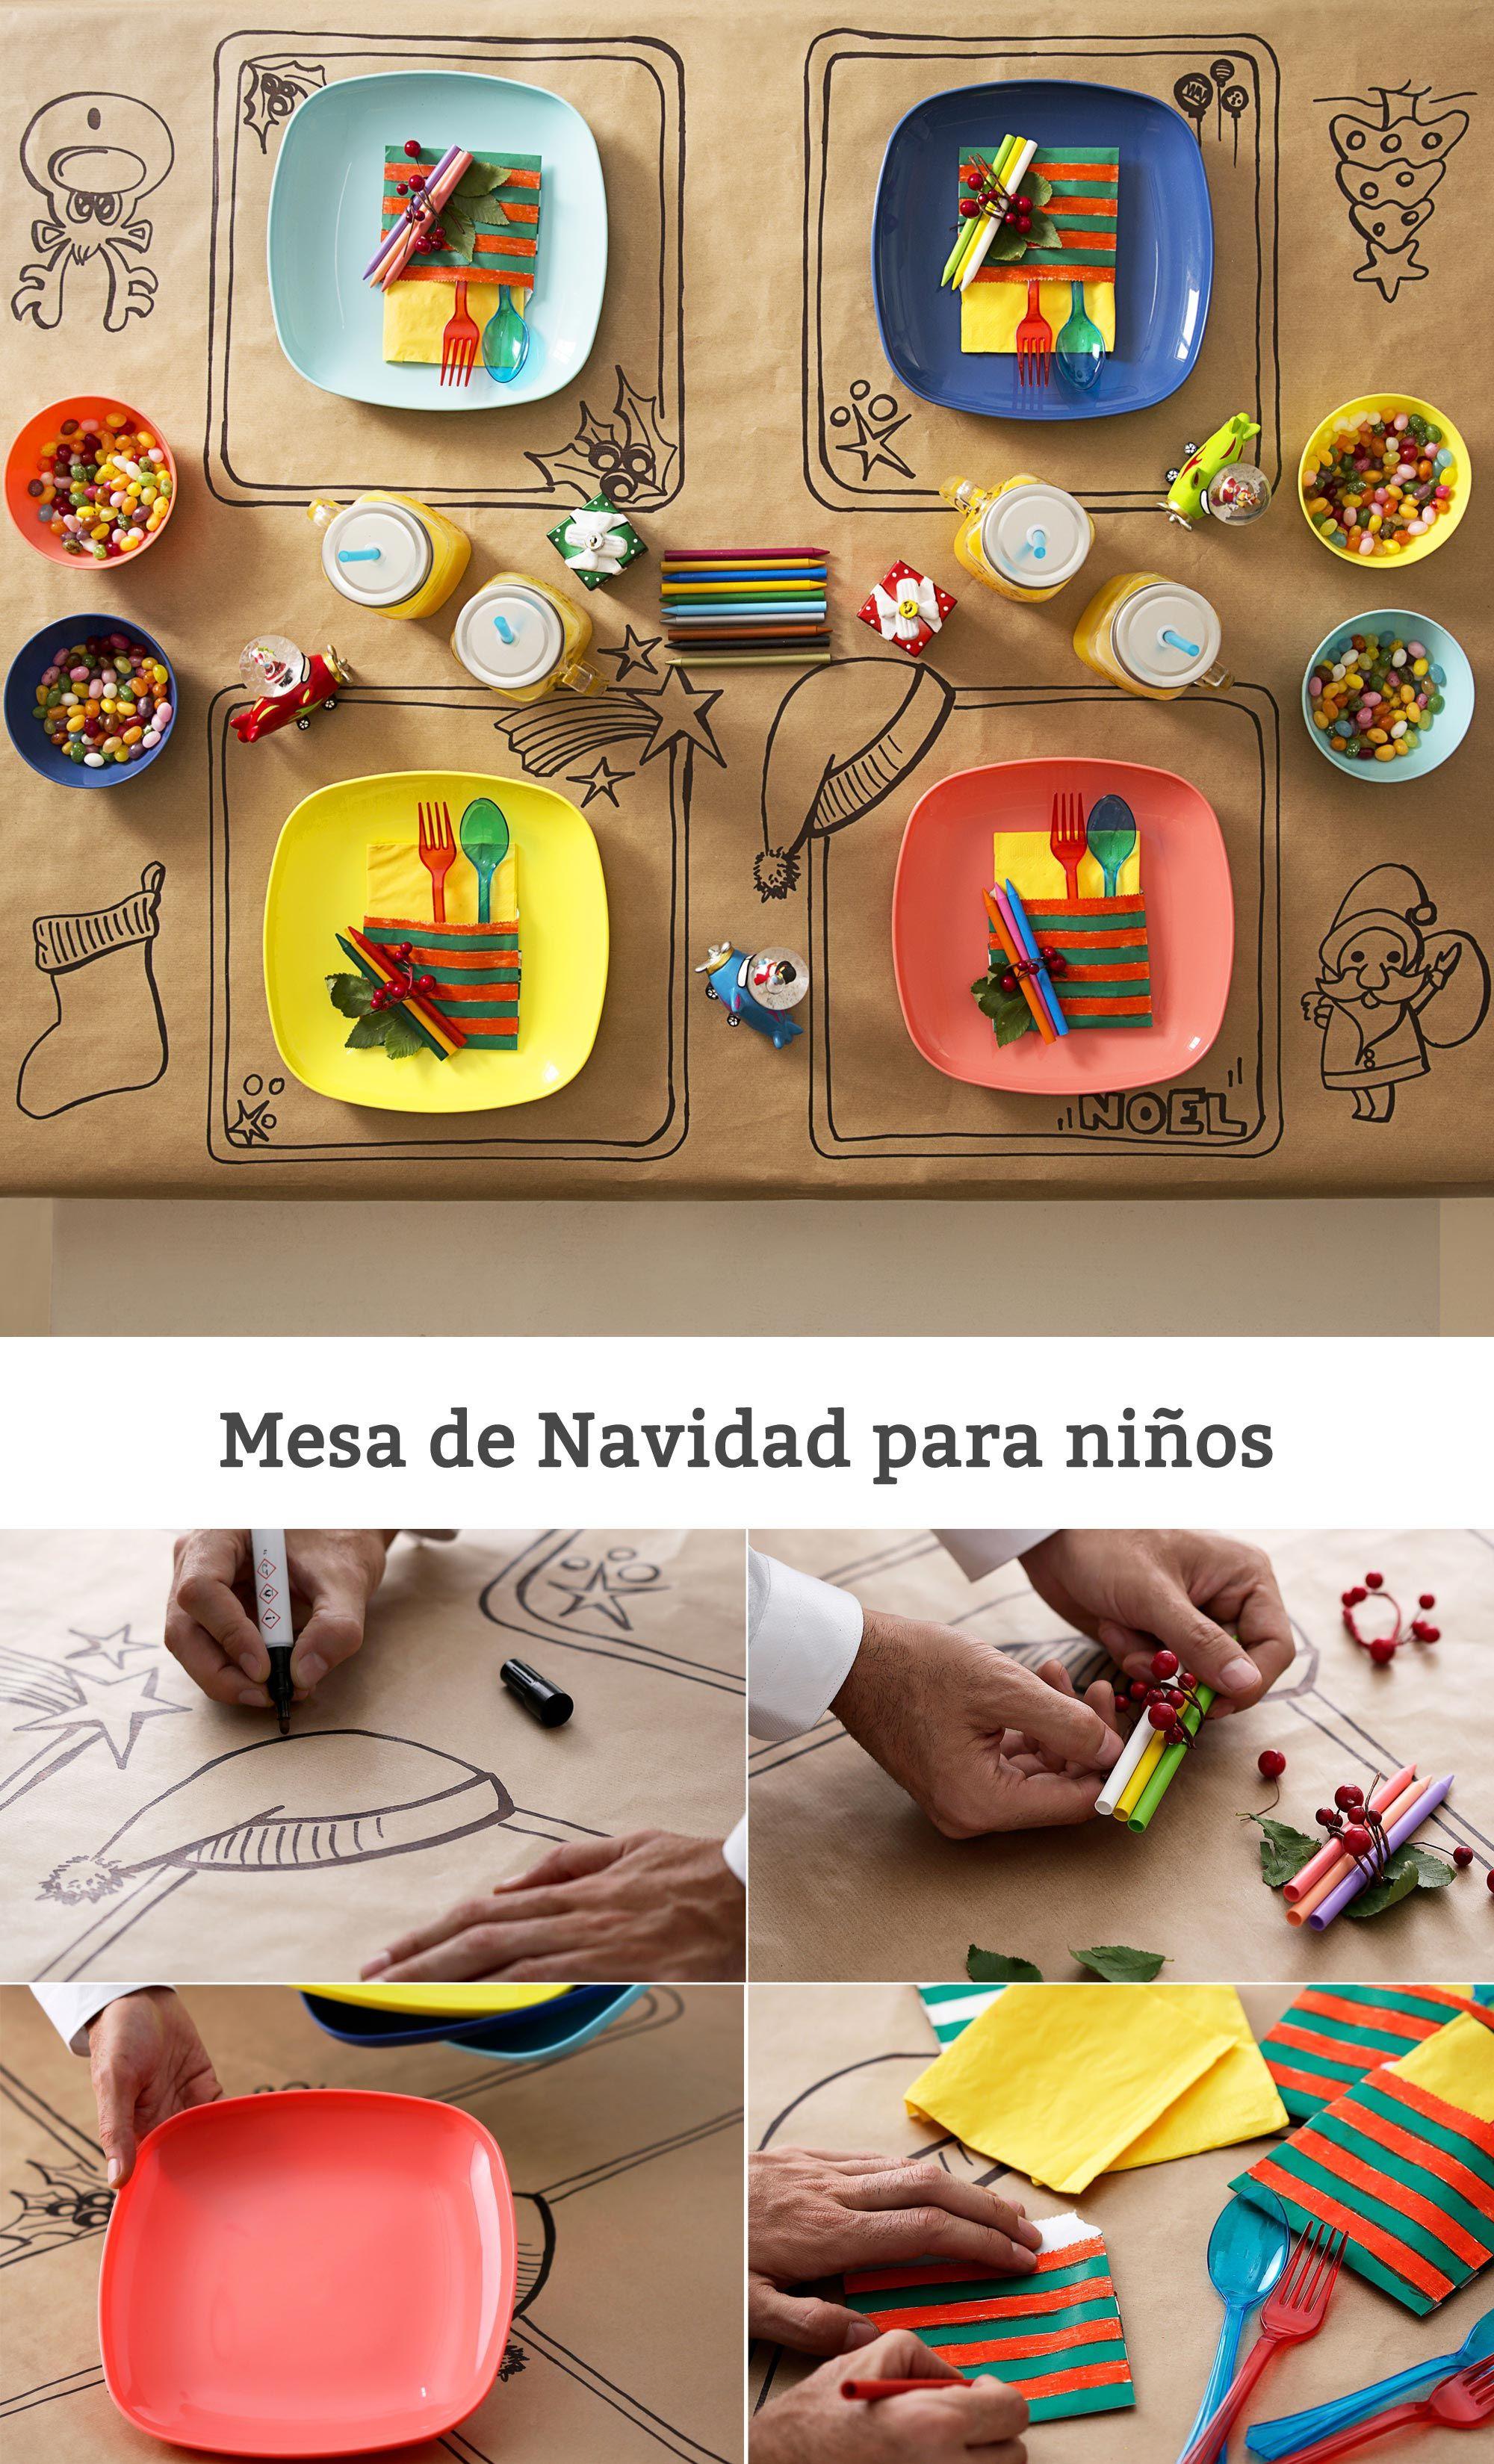 Decorar la mesa de navidad para los ni os children - Decoracion de navidad para ninos ...